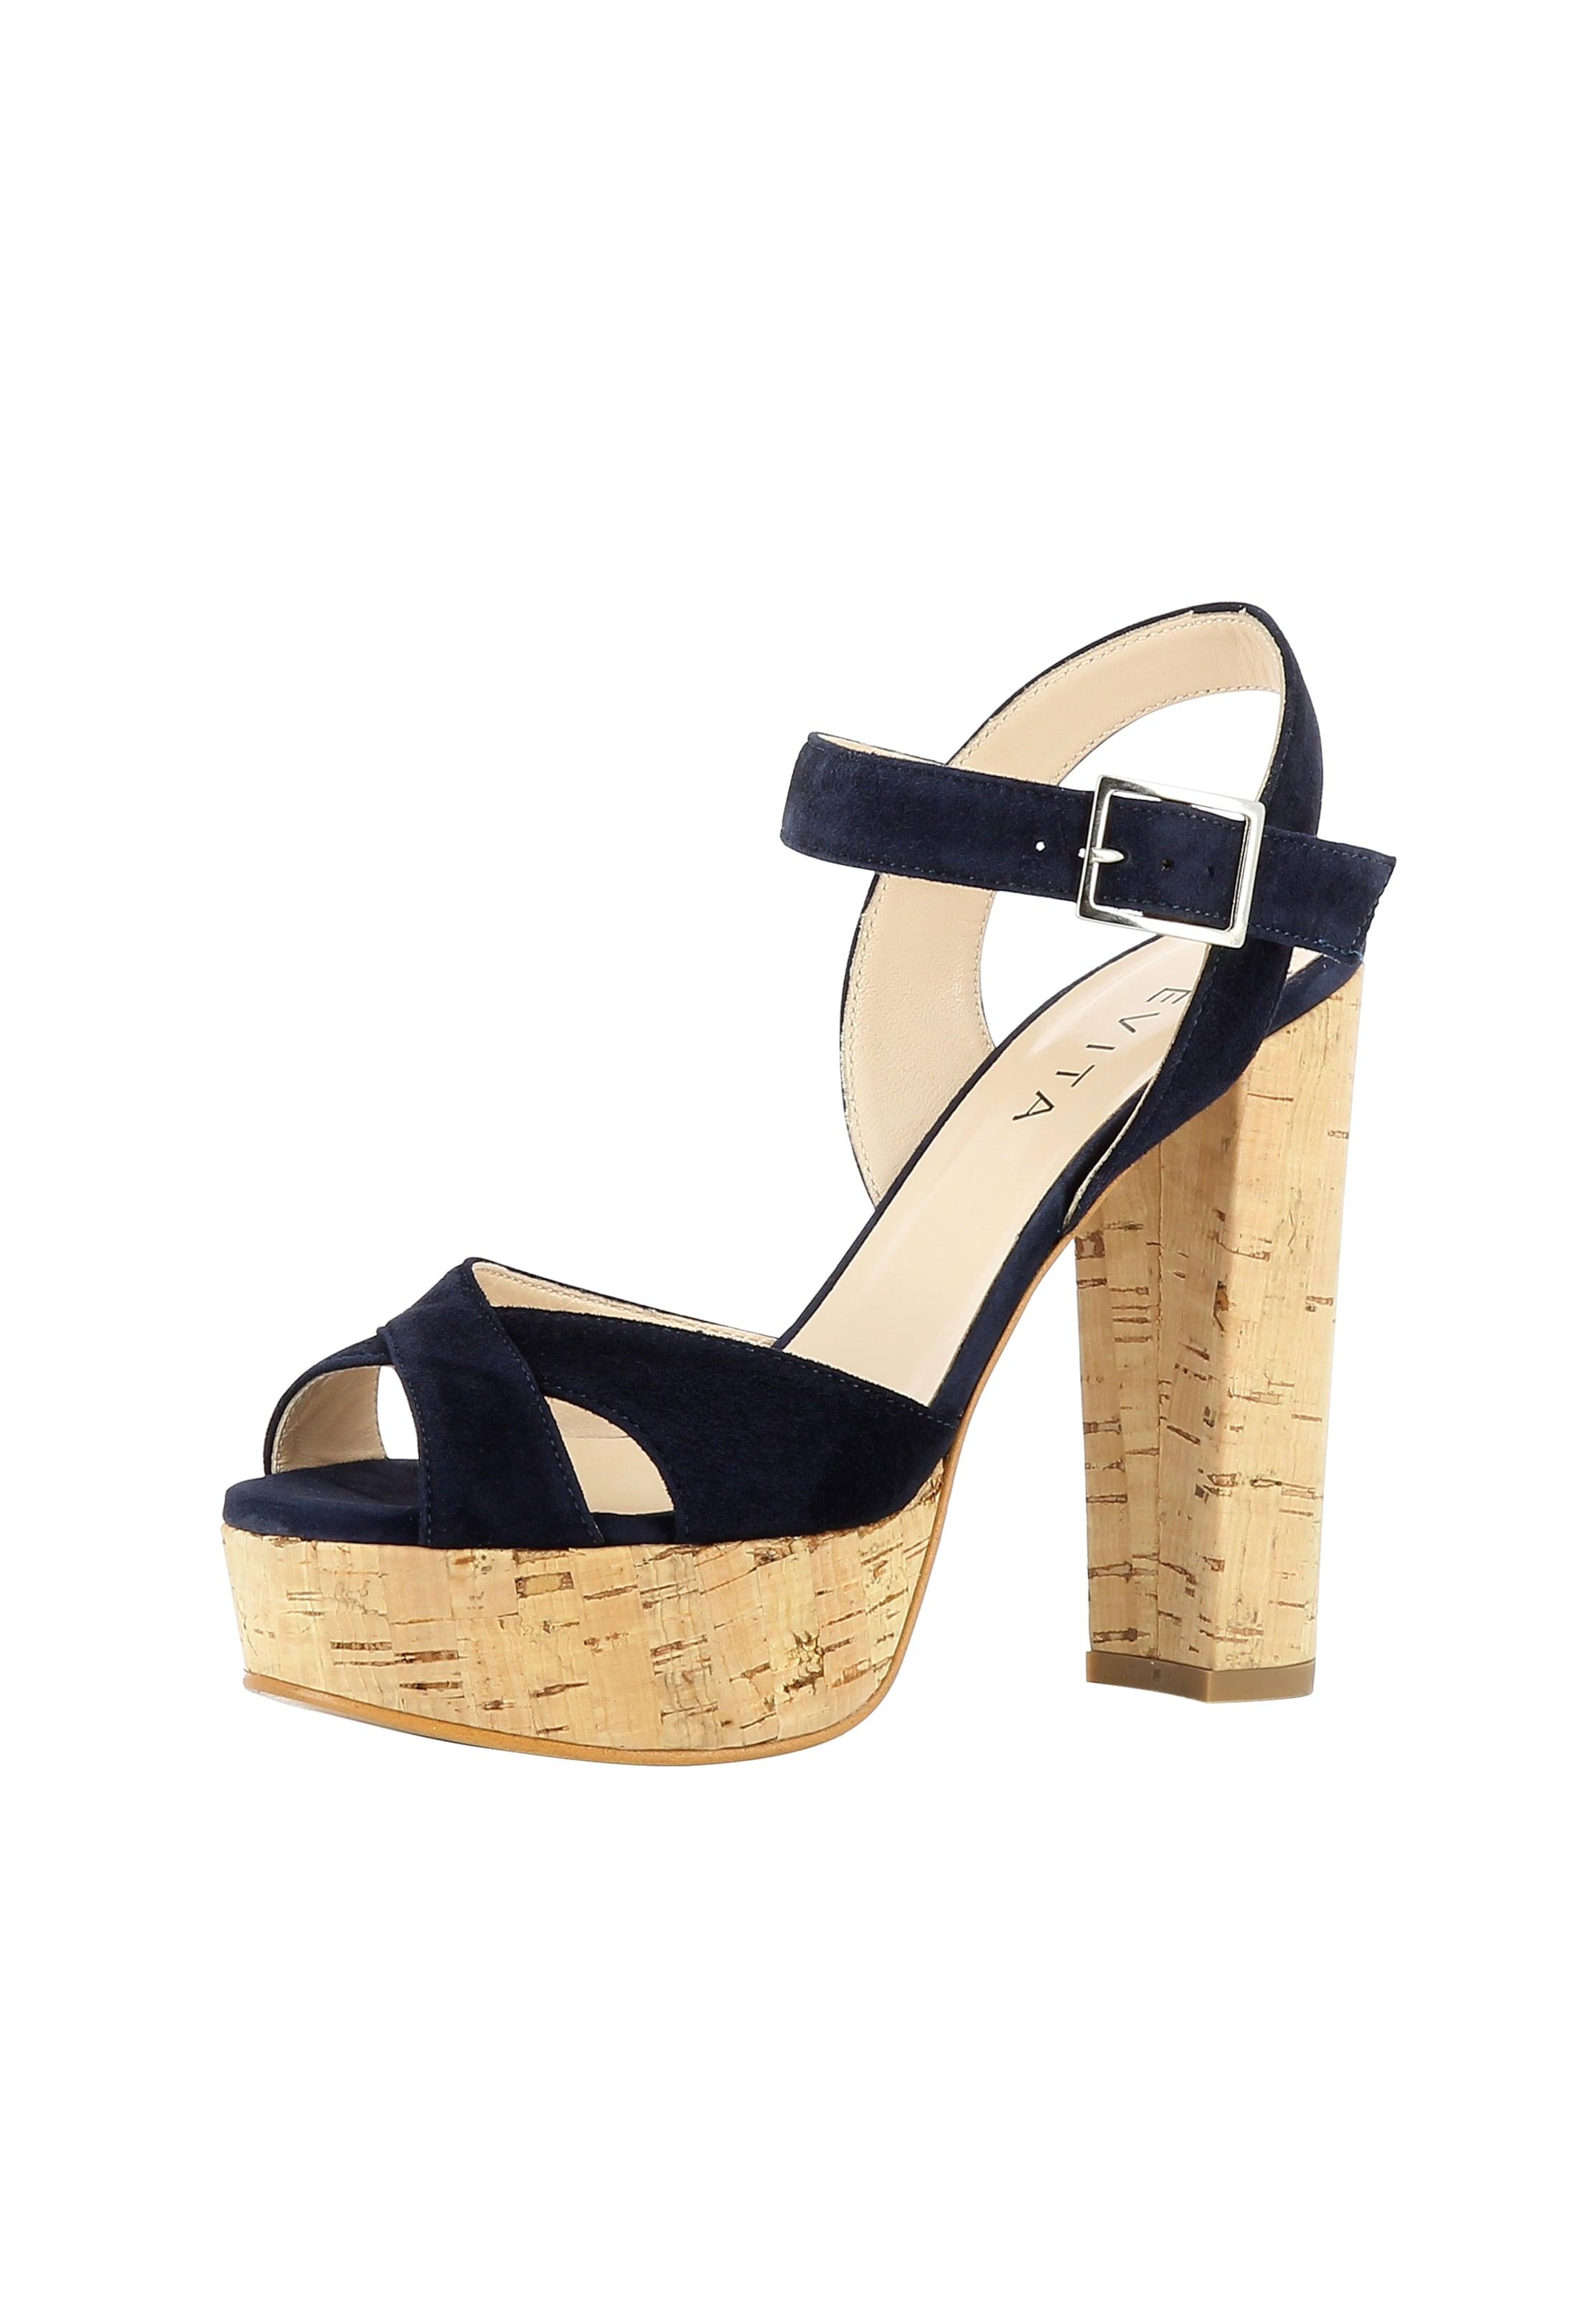 Evita Sandalette Damen Damen Damen In Sandalette Dunkelblau In In Sandalette Dunkelblau Evita Evita E9D2IWYH